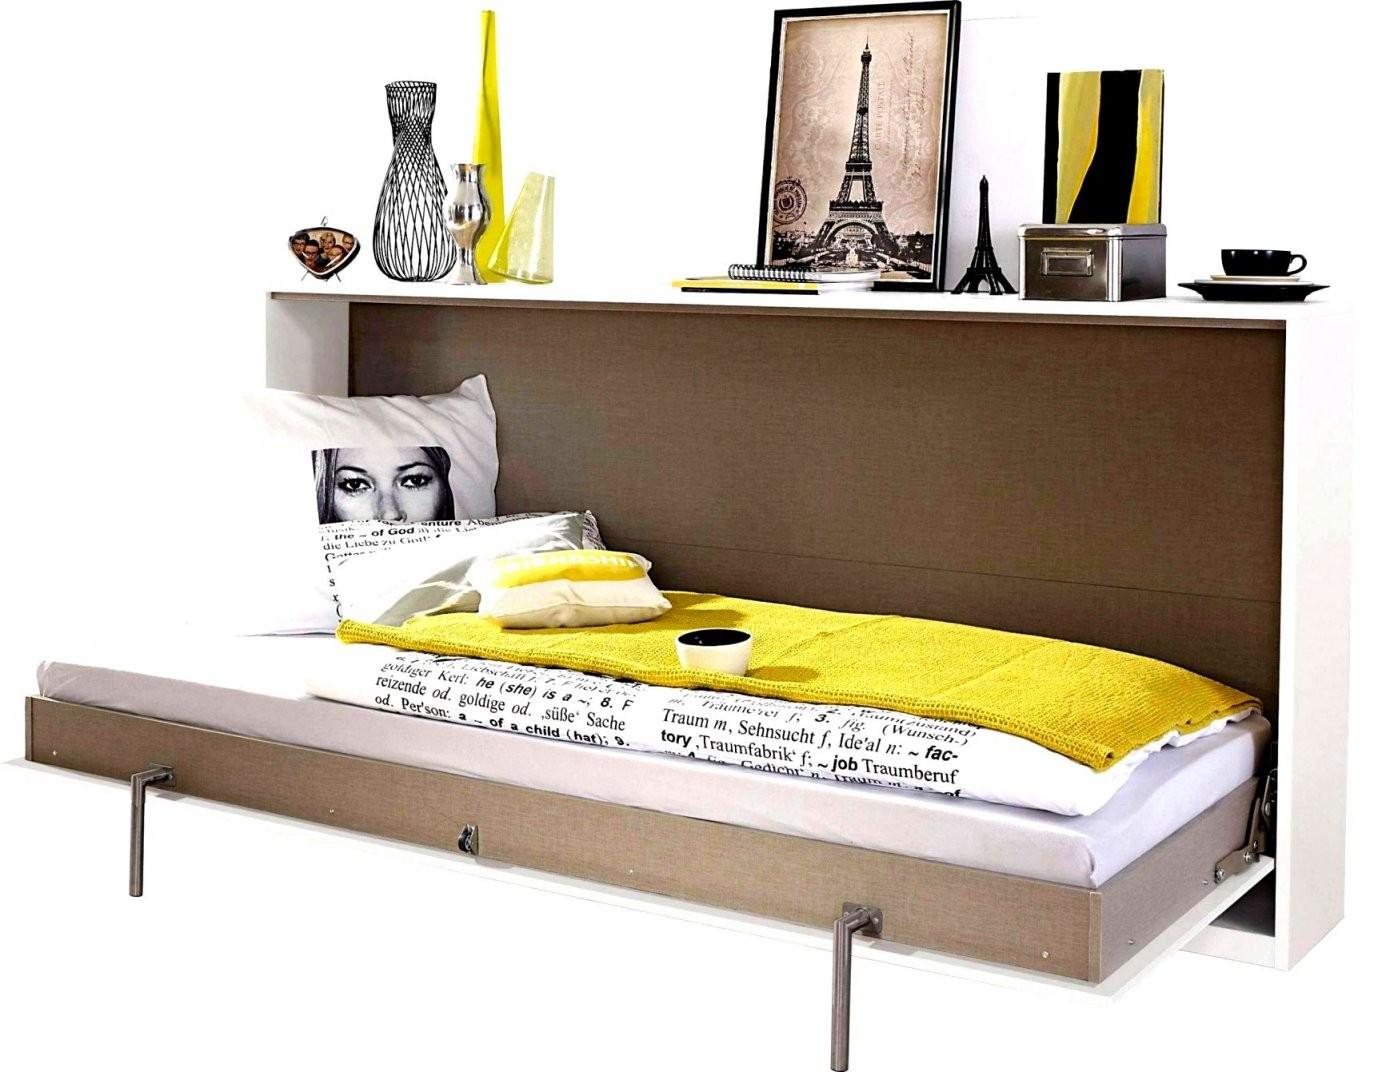 Bett Zum Ausziehen Gleiche Höhe  Bett Kollektion von Bett Ausziehbar Gleiche Höhe Bild